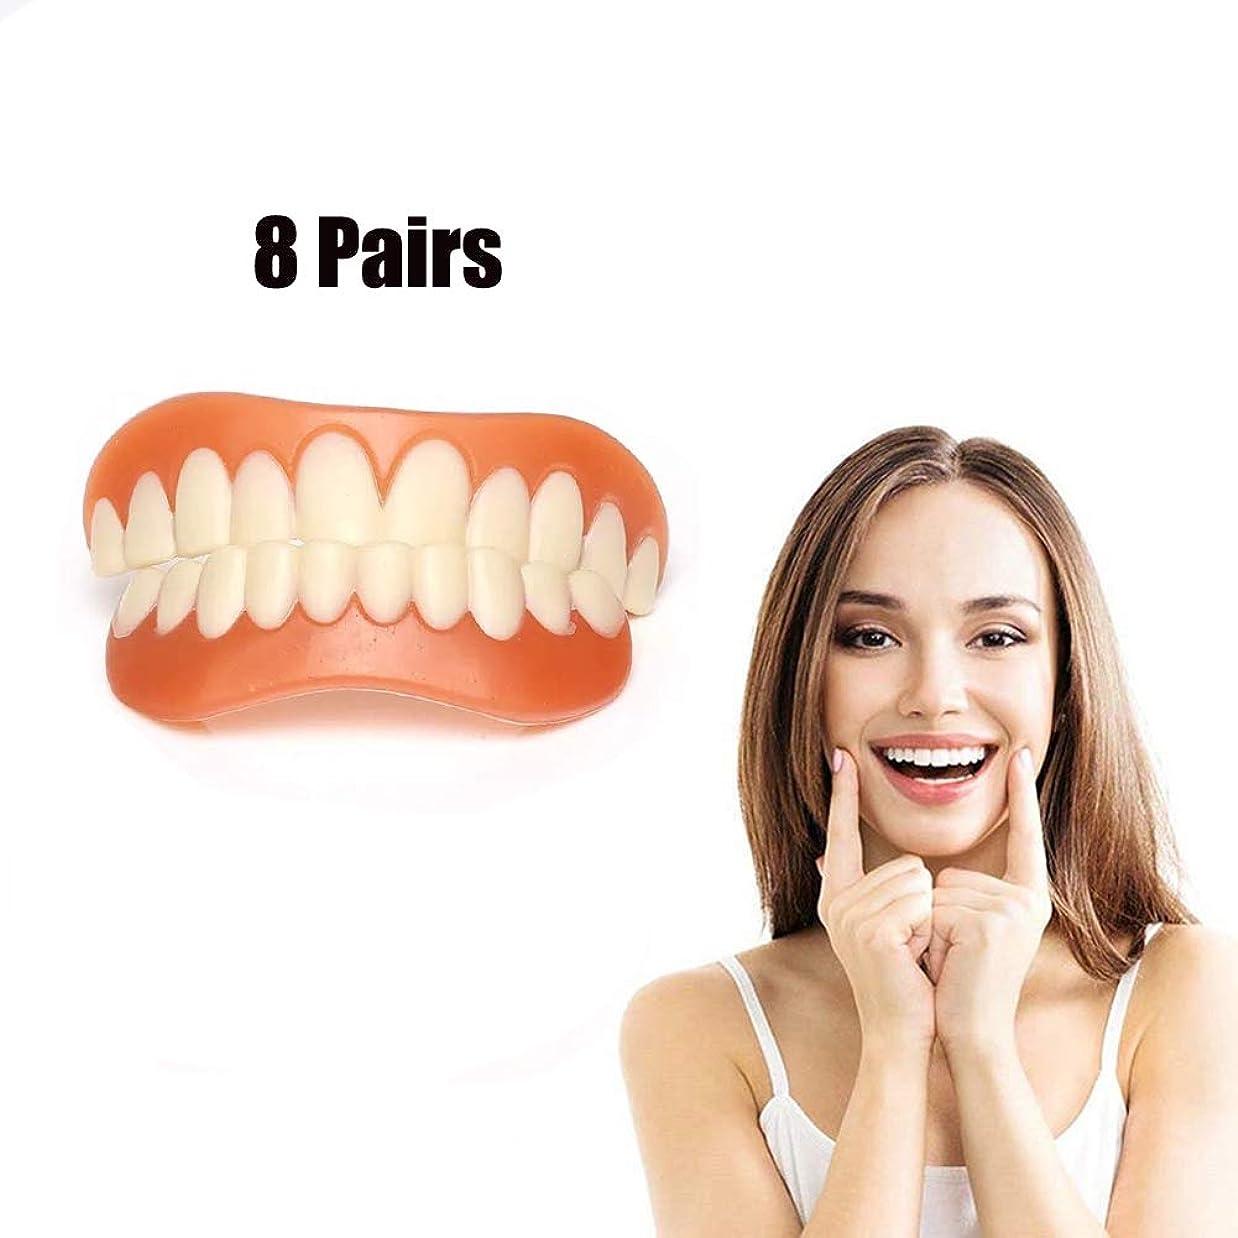 ホームホバー気になる8組安全なベニヤ歯、インスタント笑顔の快適さ修正義歯を白くする偽の歯 - ワンサイズフィット(下+上)